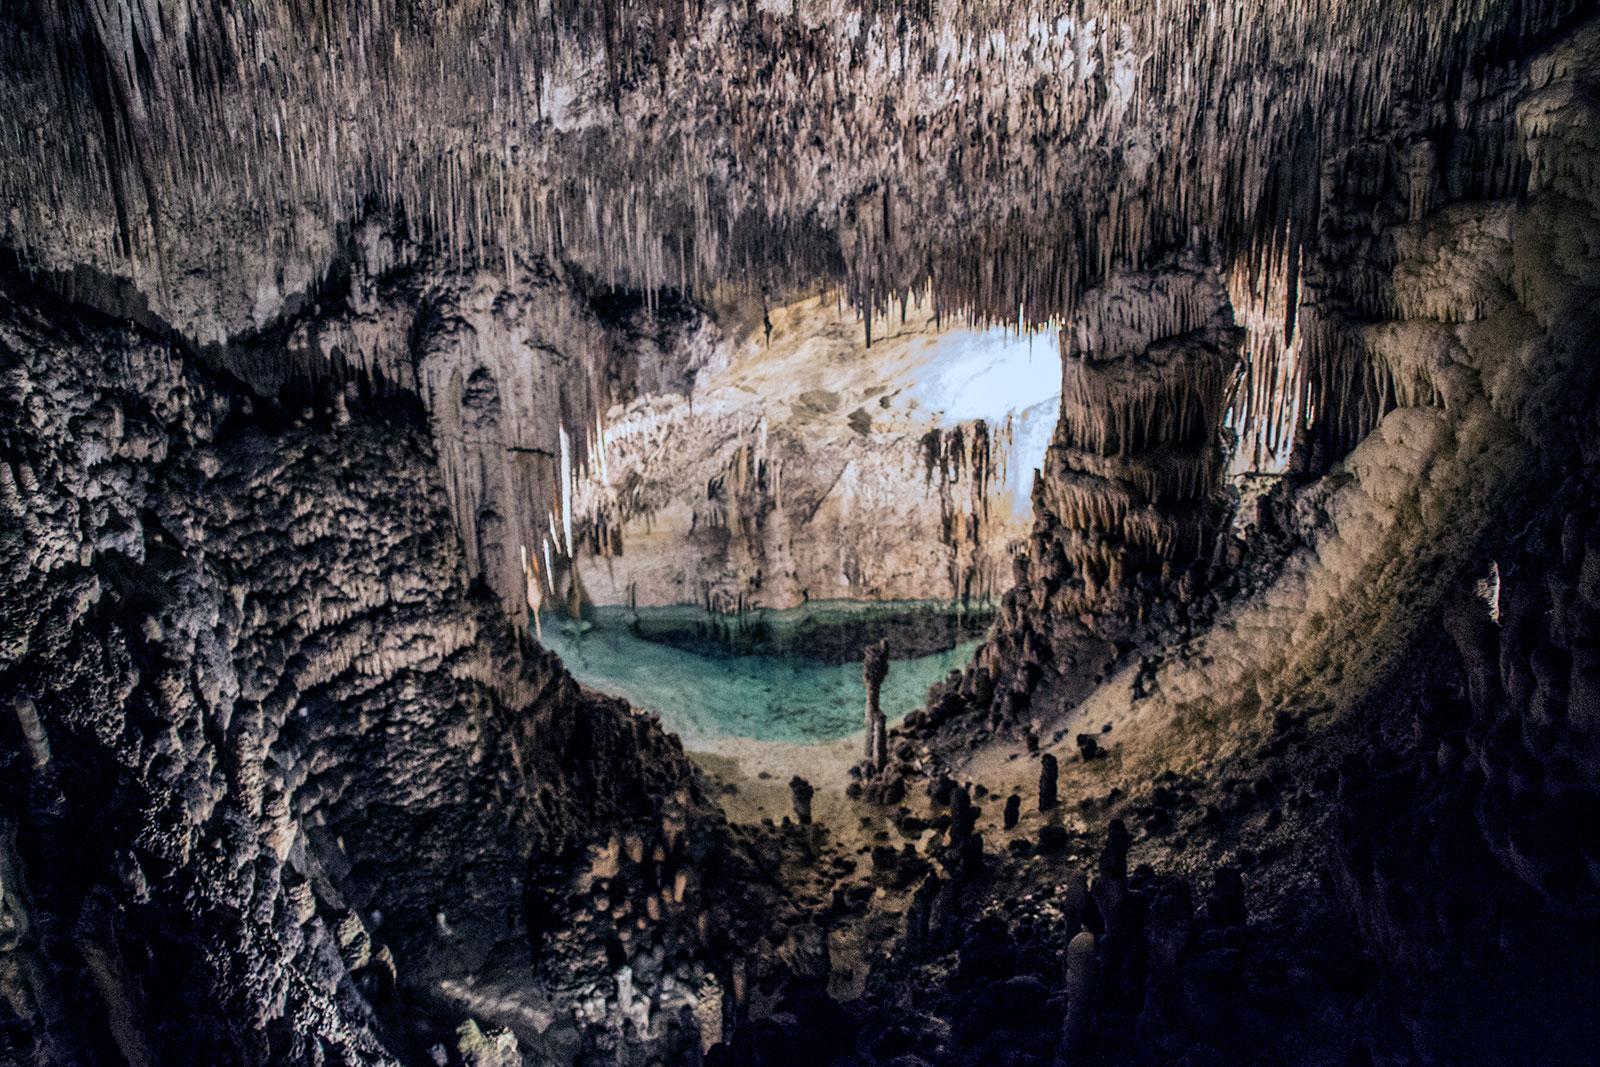 Lago interior de las Cuevas del Drach - qué ver en Mallorca